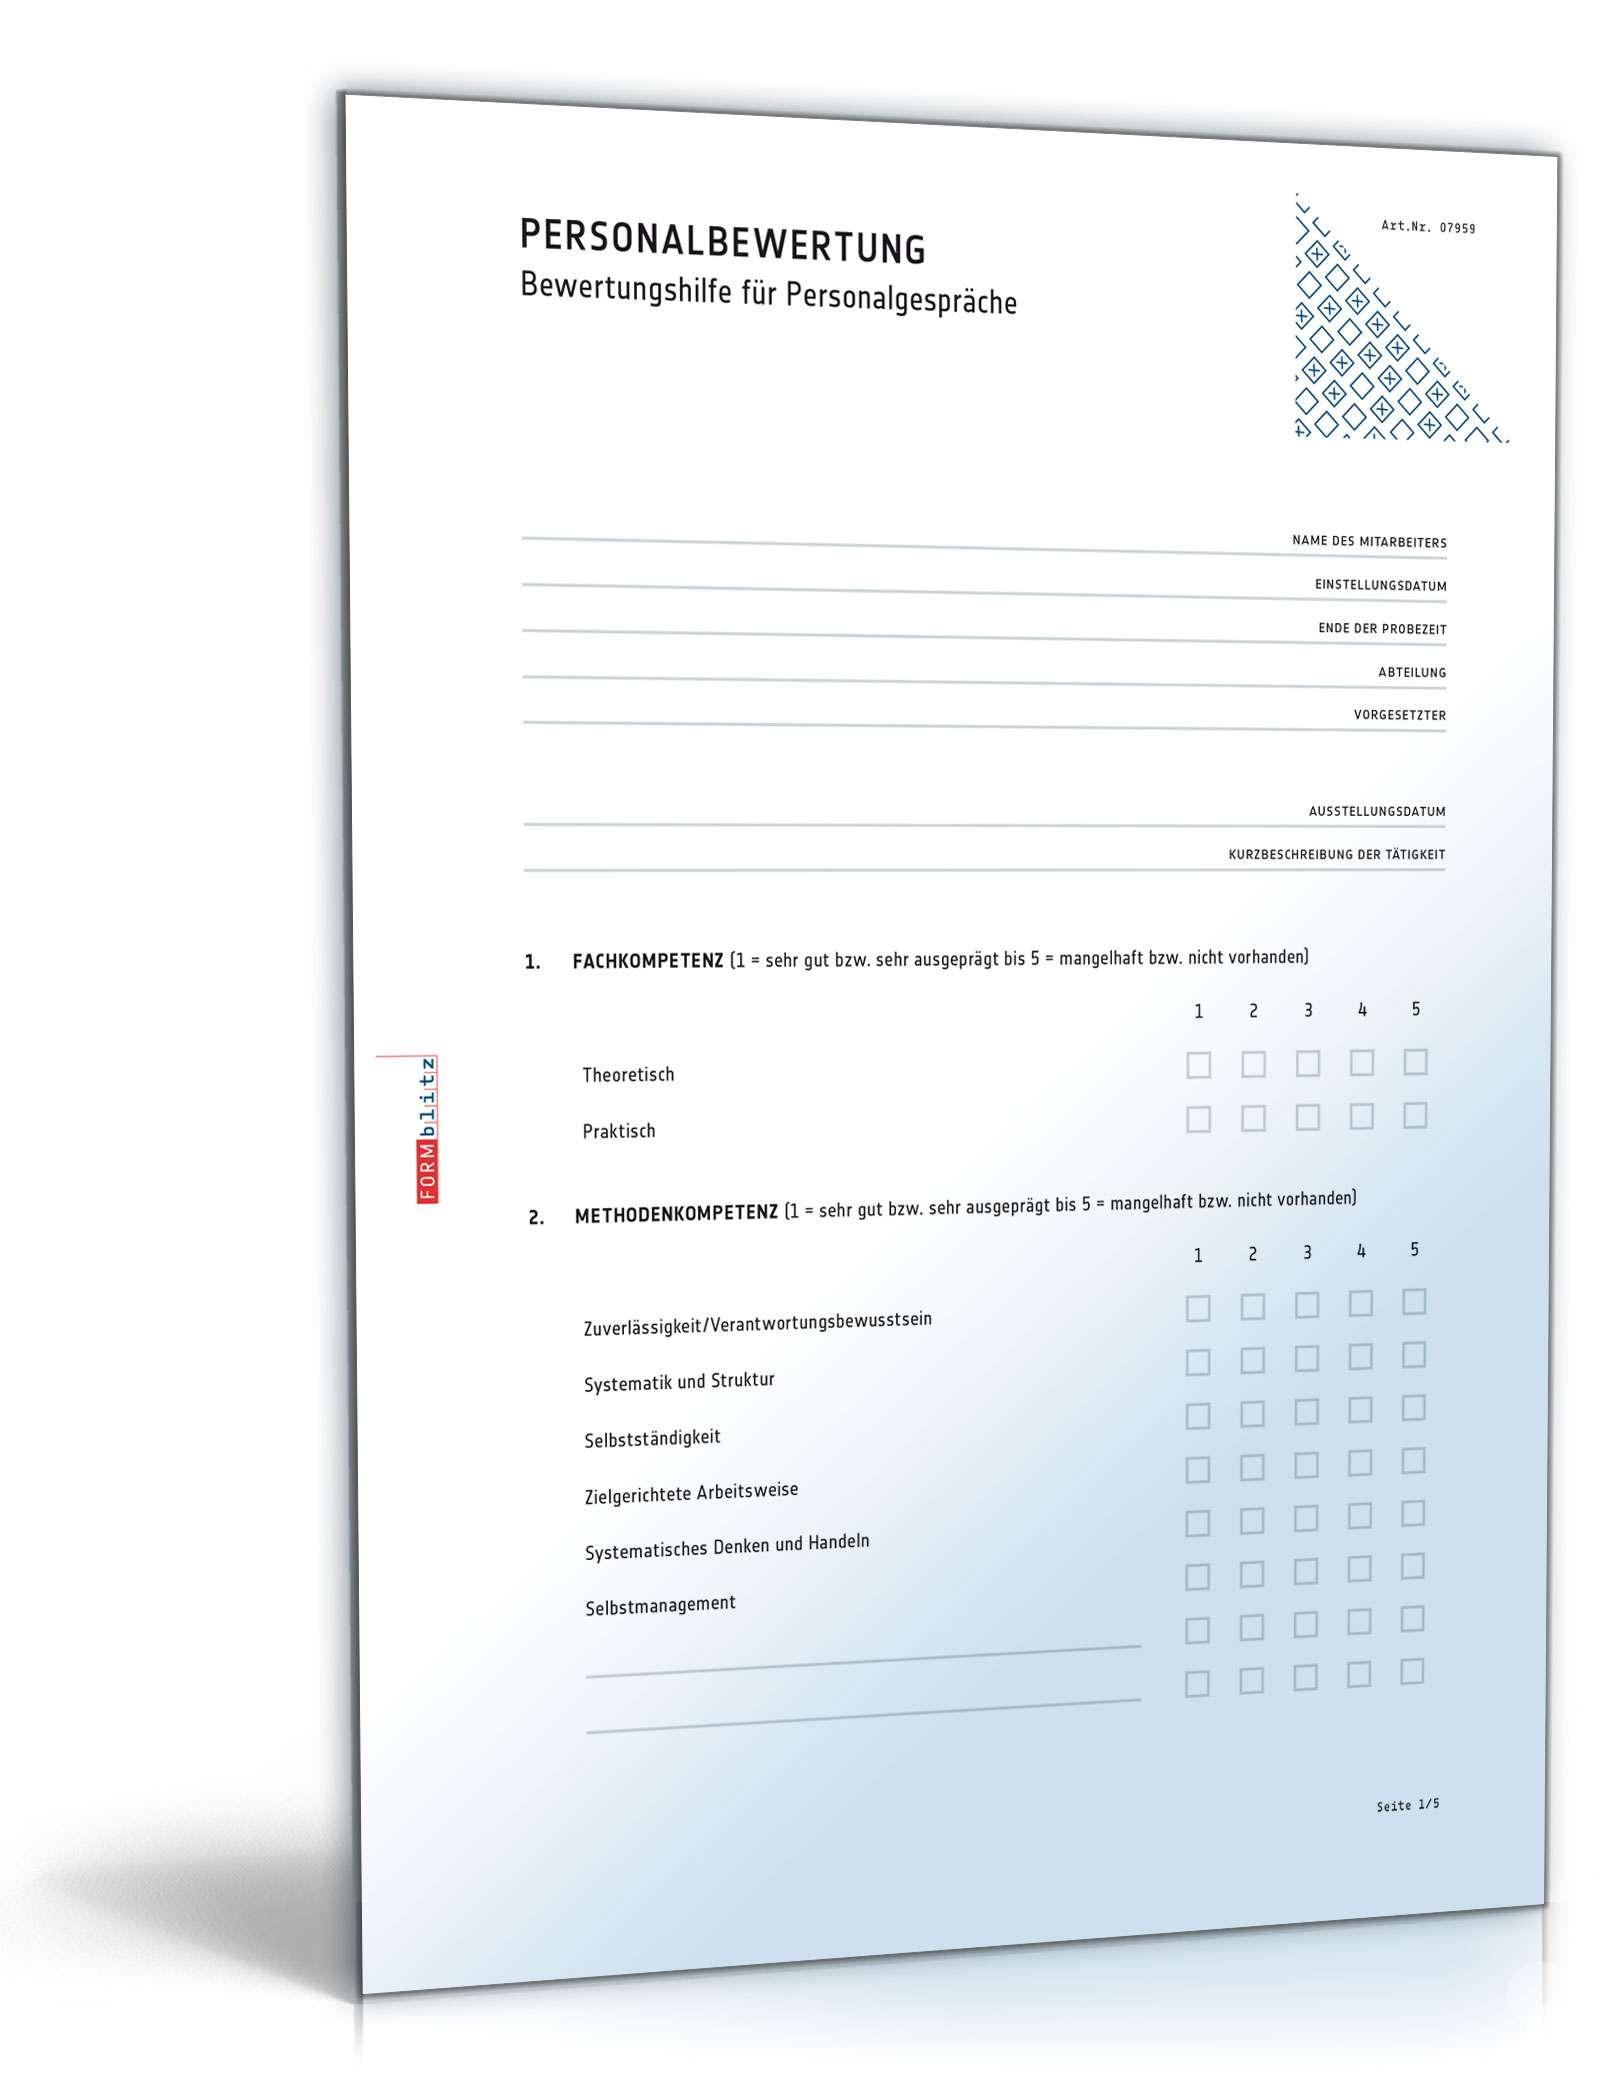 Musterbriefe Kondolenzschreiben : Mitarbeiterbeurteilung muster vorlage zum download